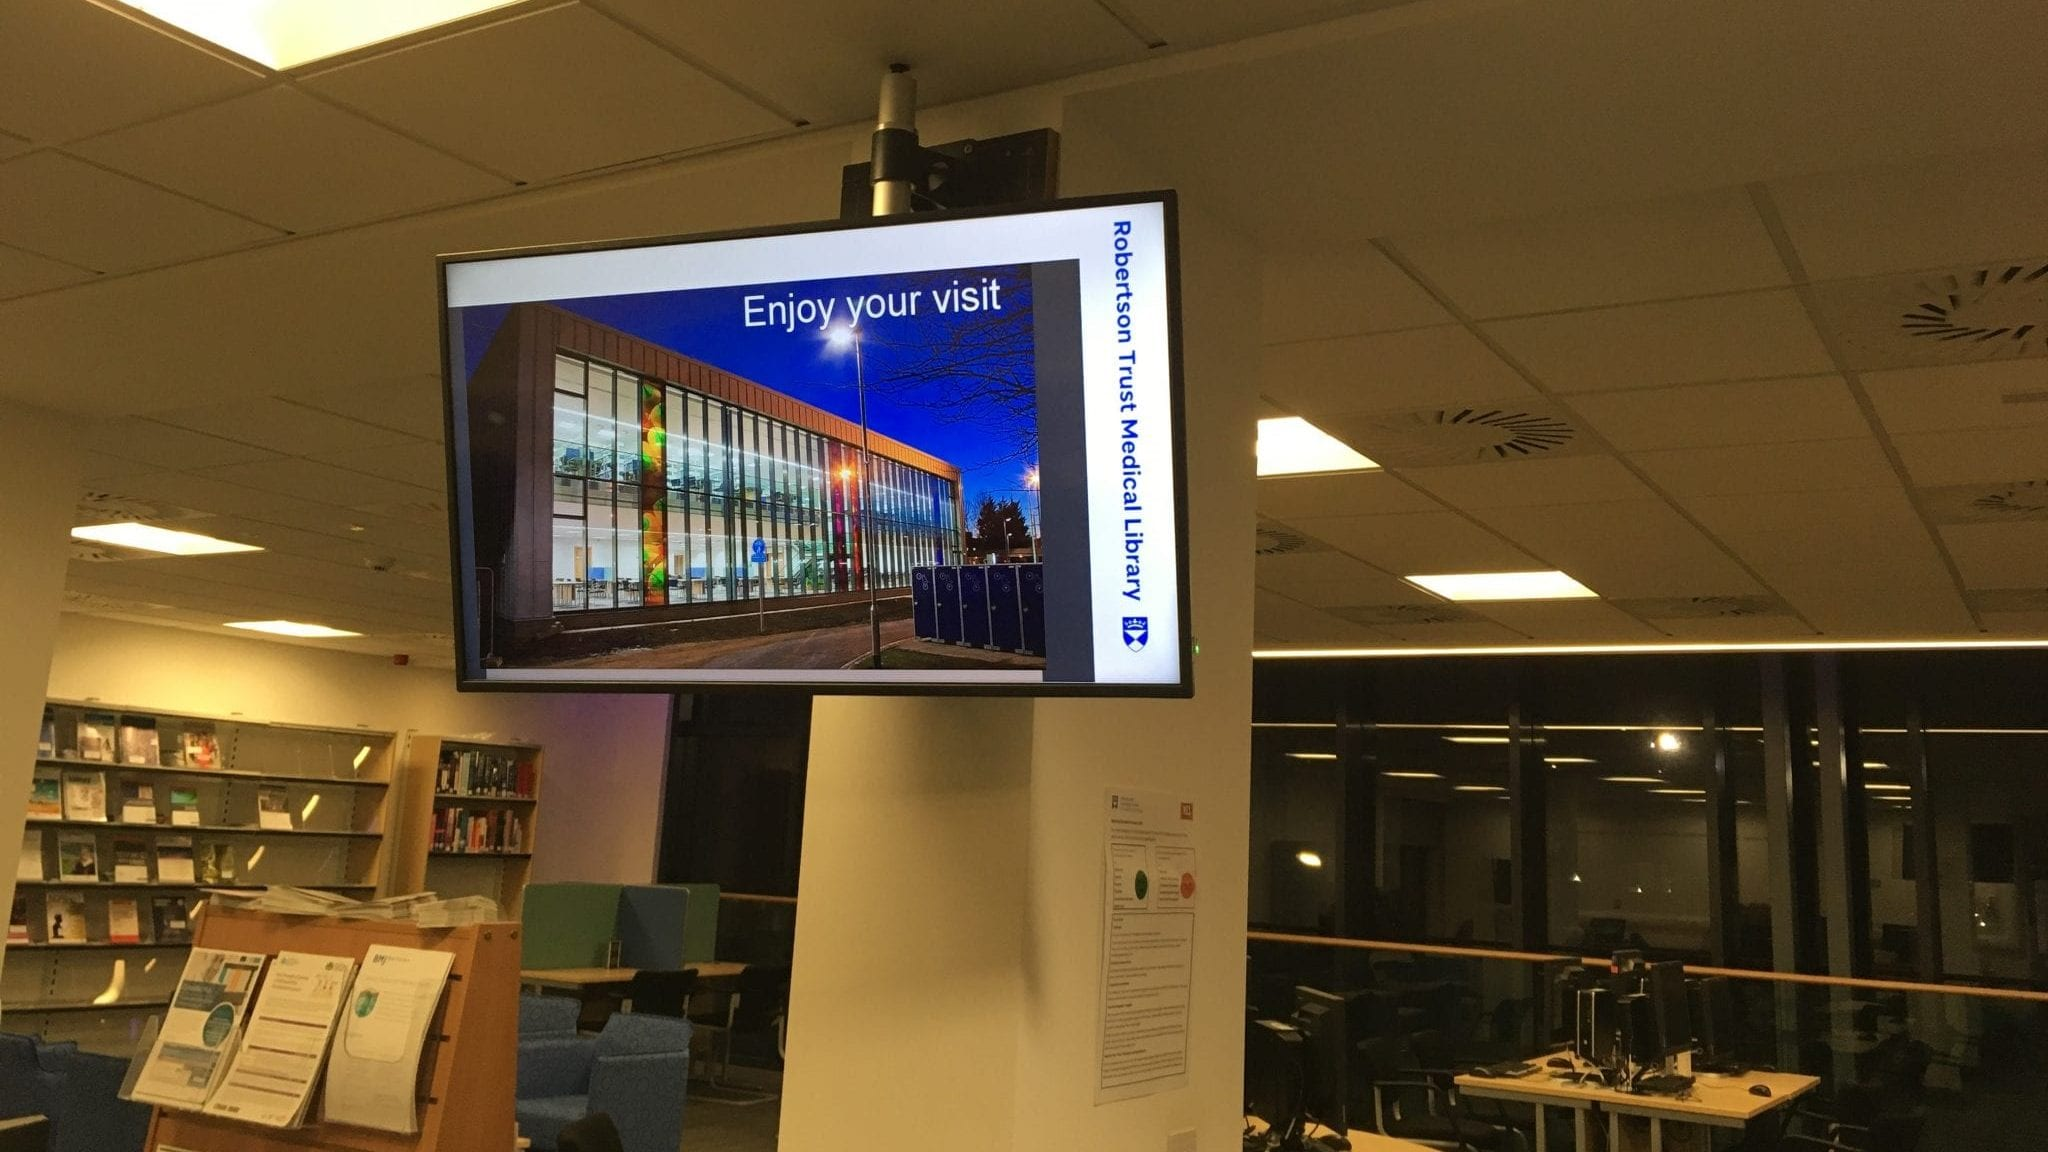 Digital signage at Main library reception